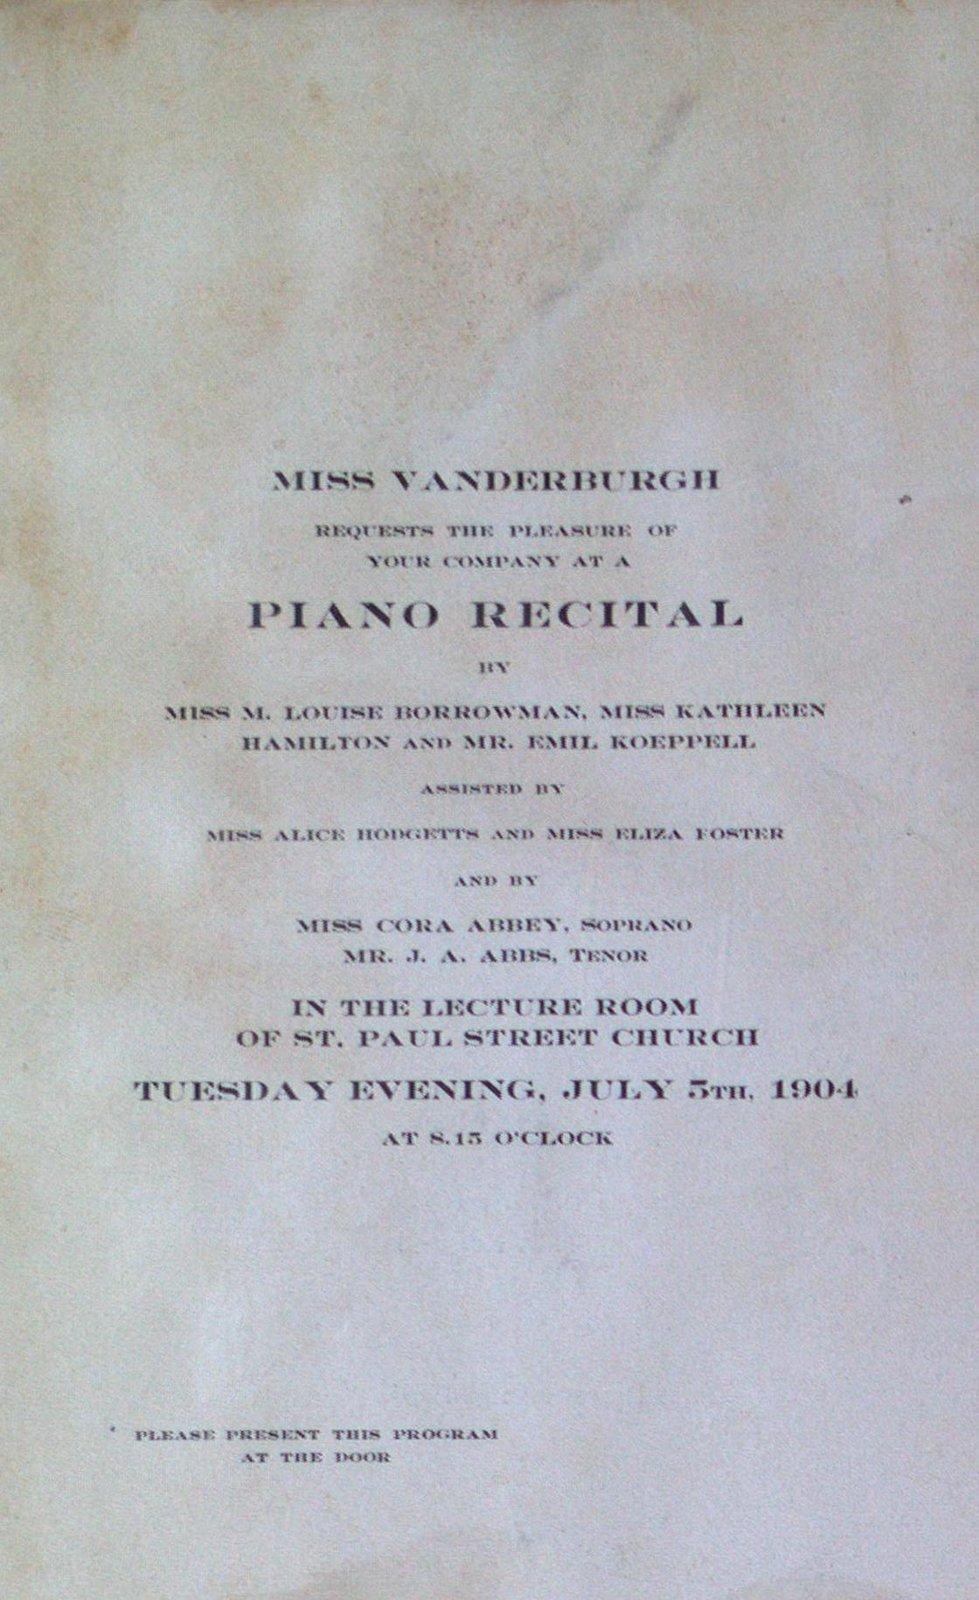 Teresa Vanderburgh's Musical Scrapbook #2 - Program for a Piano Recital